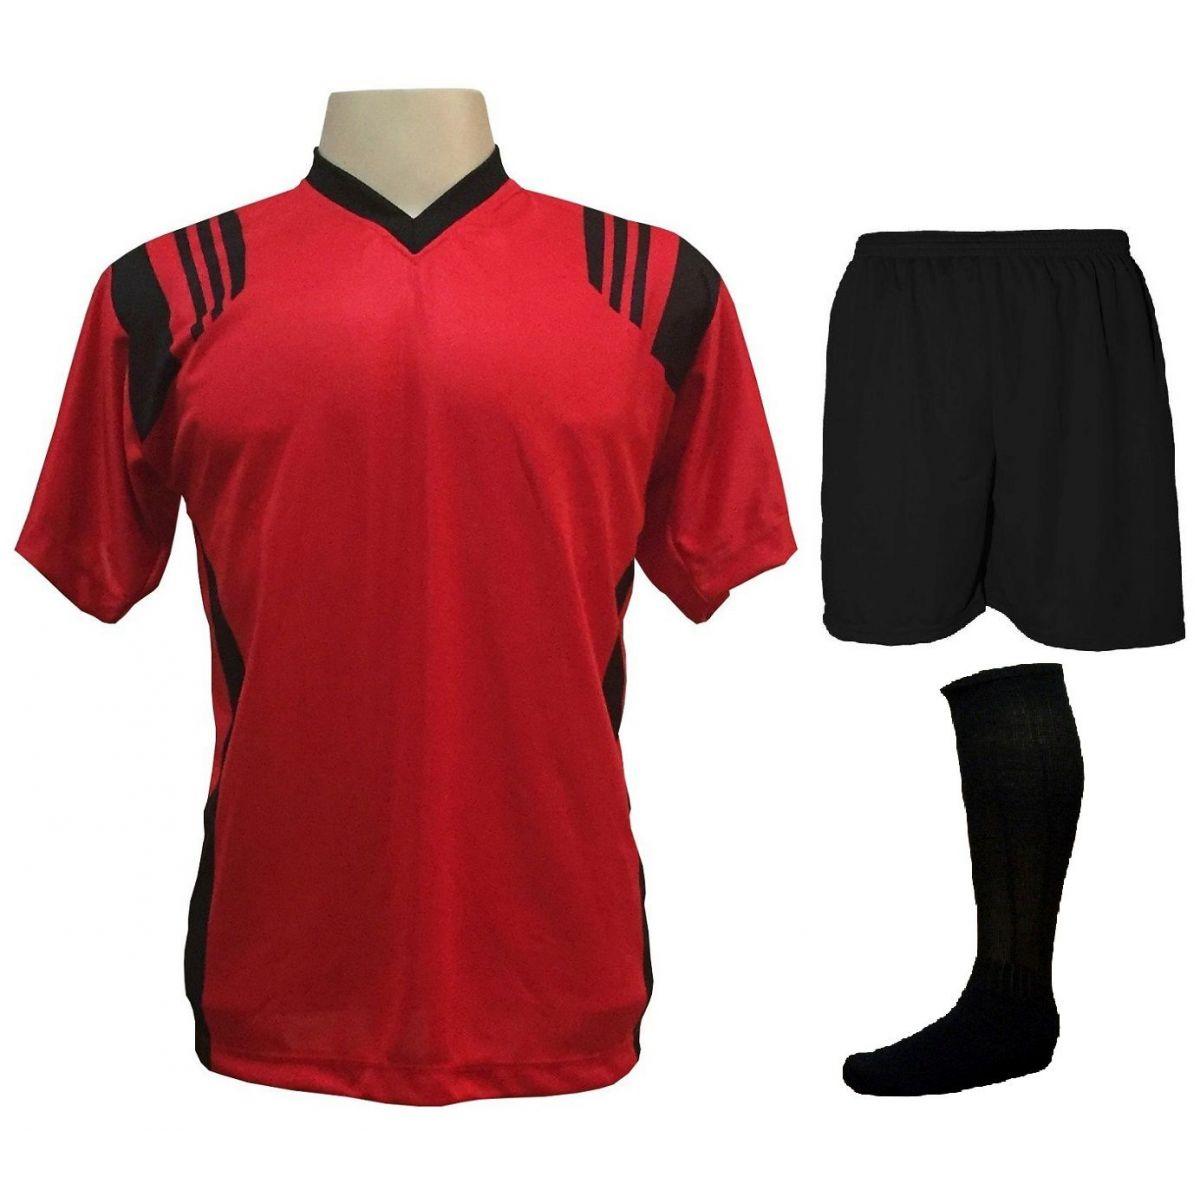 Uniforme Esportivo com 18 camisas modelo Roma Vermelho/Preto + 18 calções modelo Madrid Preto + 18 pares de meiões Preto